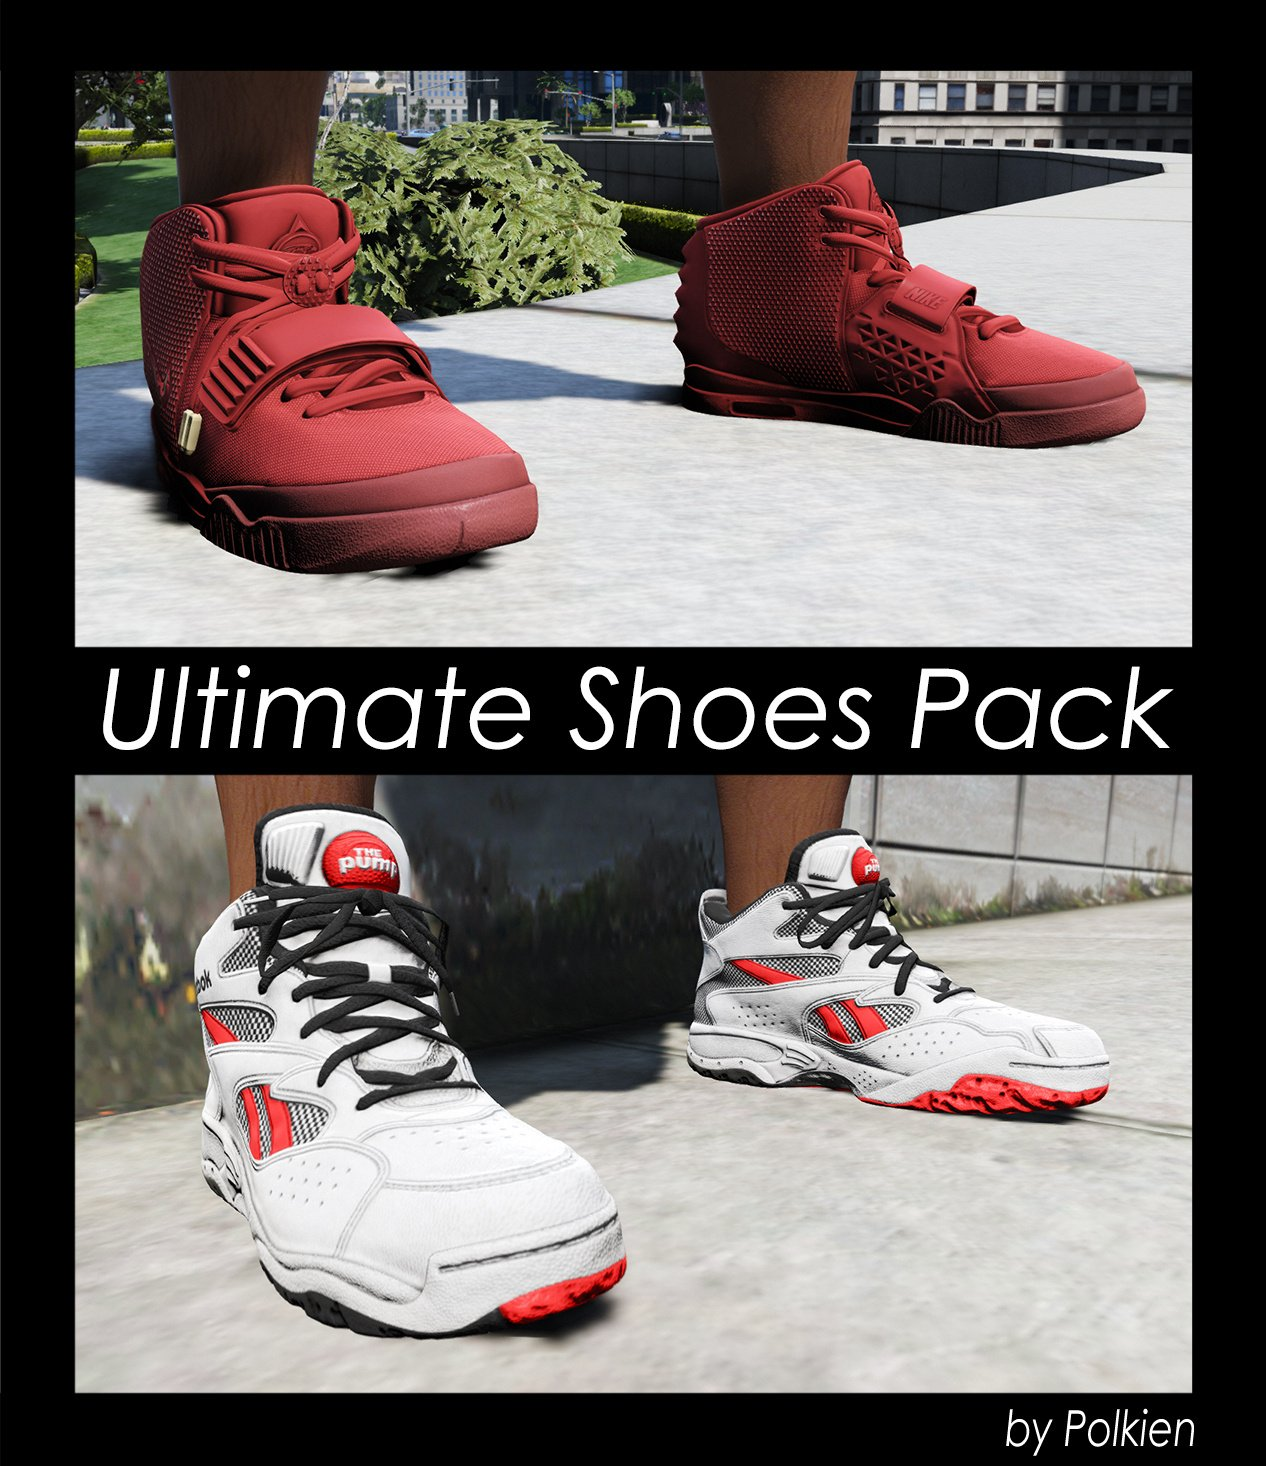 c93efc272ba8 Ultimate Shoes Pack (for Franklin)  Add-On  - GTA5-Mods.com